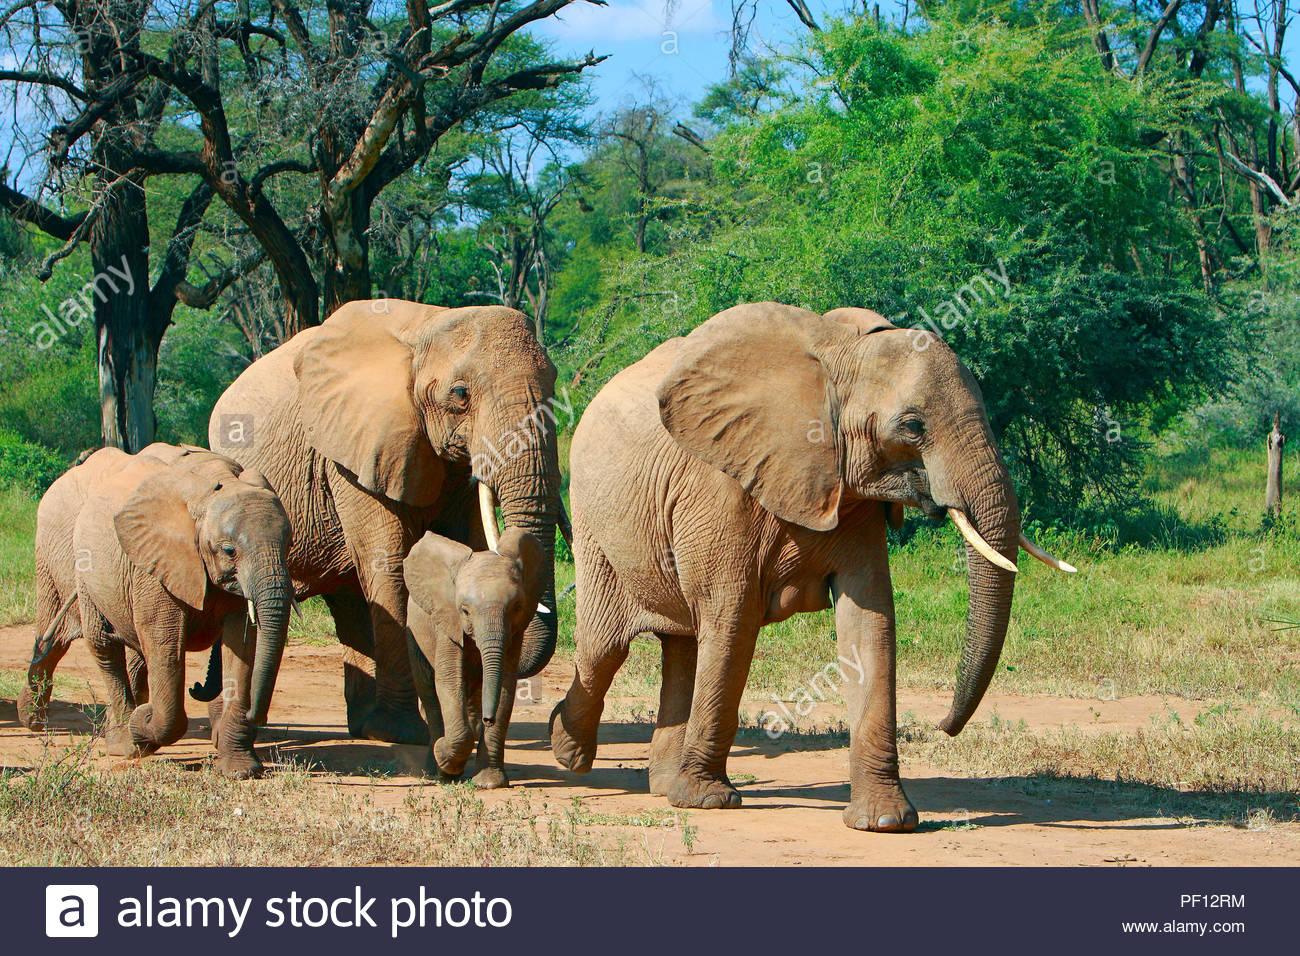 Afrikanische Elefanten (Loxodonta africana), Samburu, Kenia   African bush elephant or African elephant (Loxodonta africana), Samburu, Kenya - Stock Image